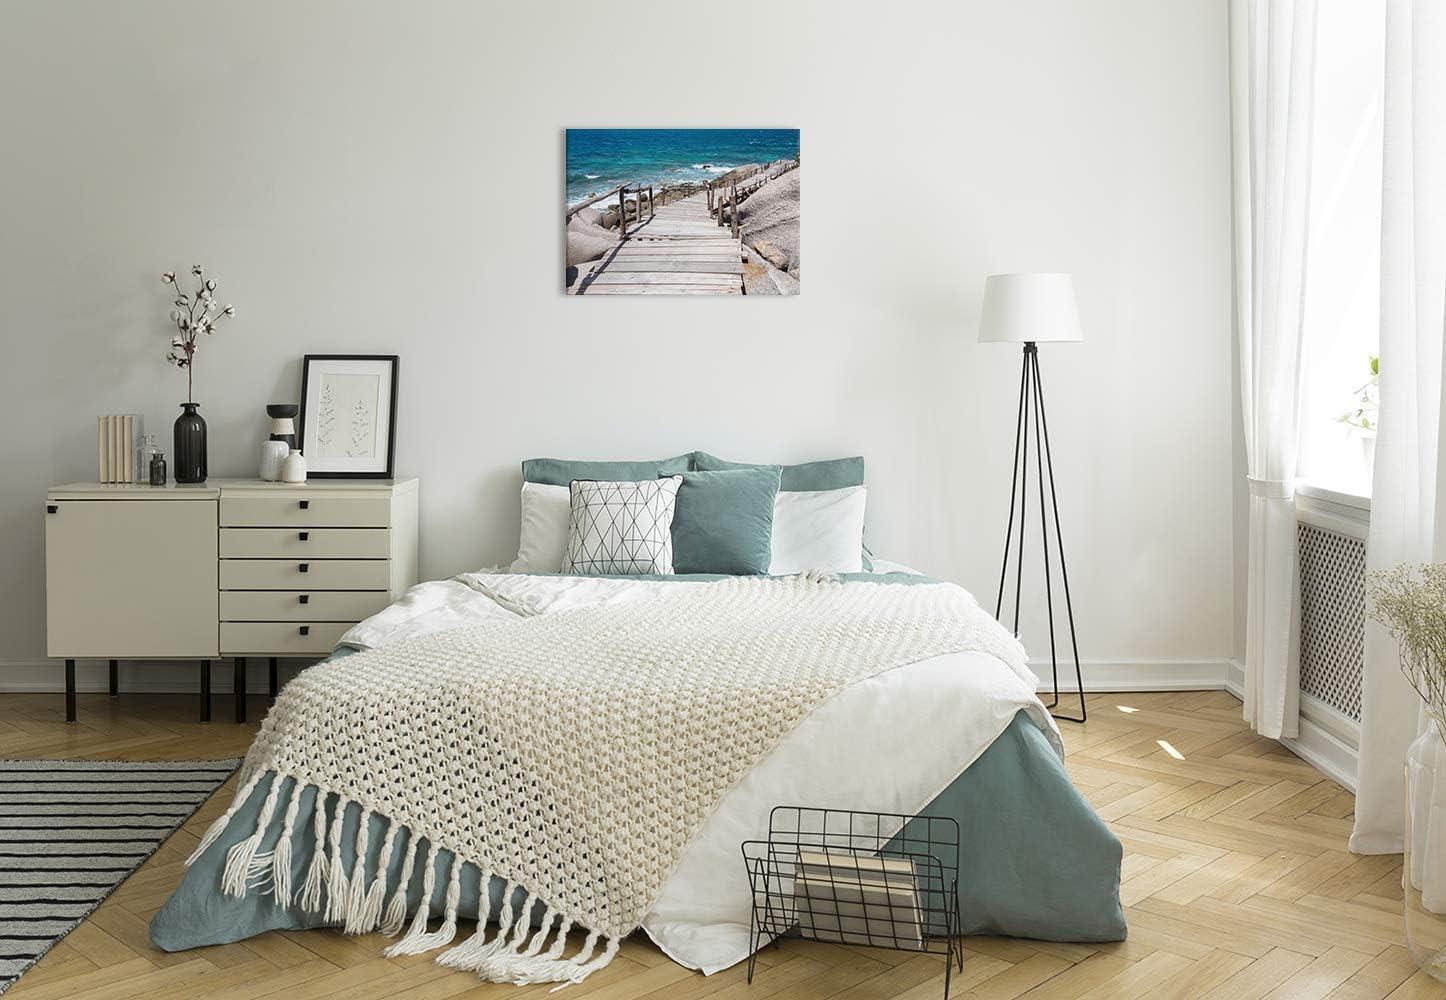 Taille: 40x30 cm Design D/écoration Murale Images sur Toile Impression Artistique Tableaux pour la Mur mer Pont Bleu Revolio